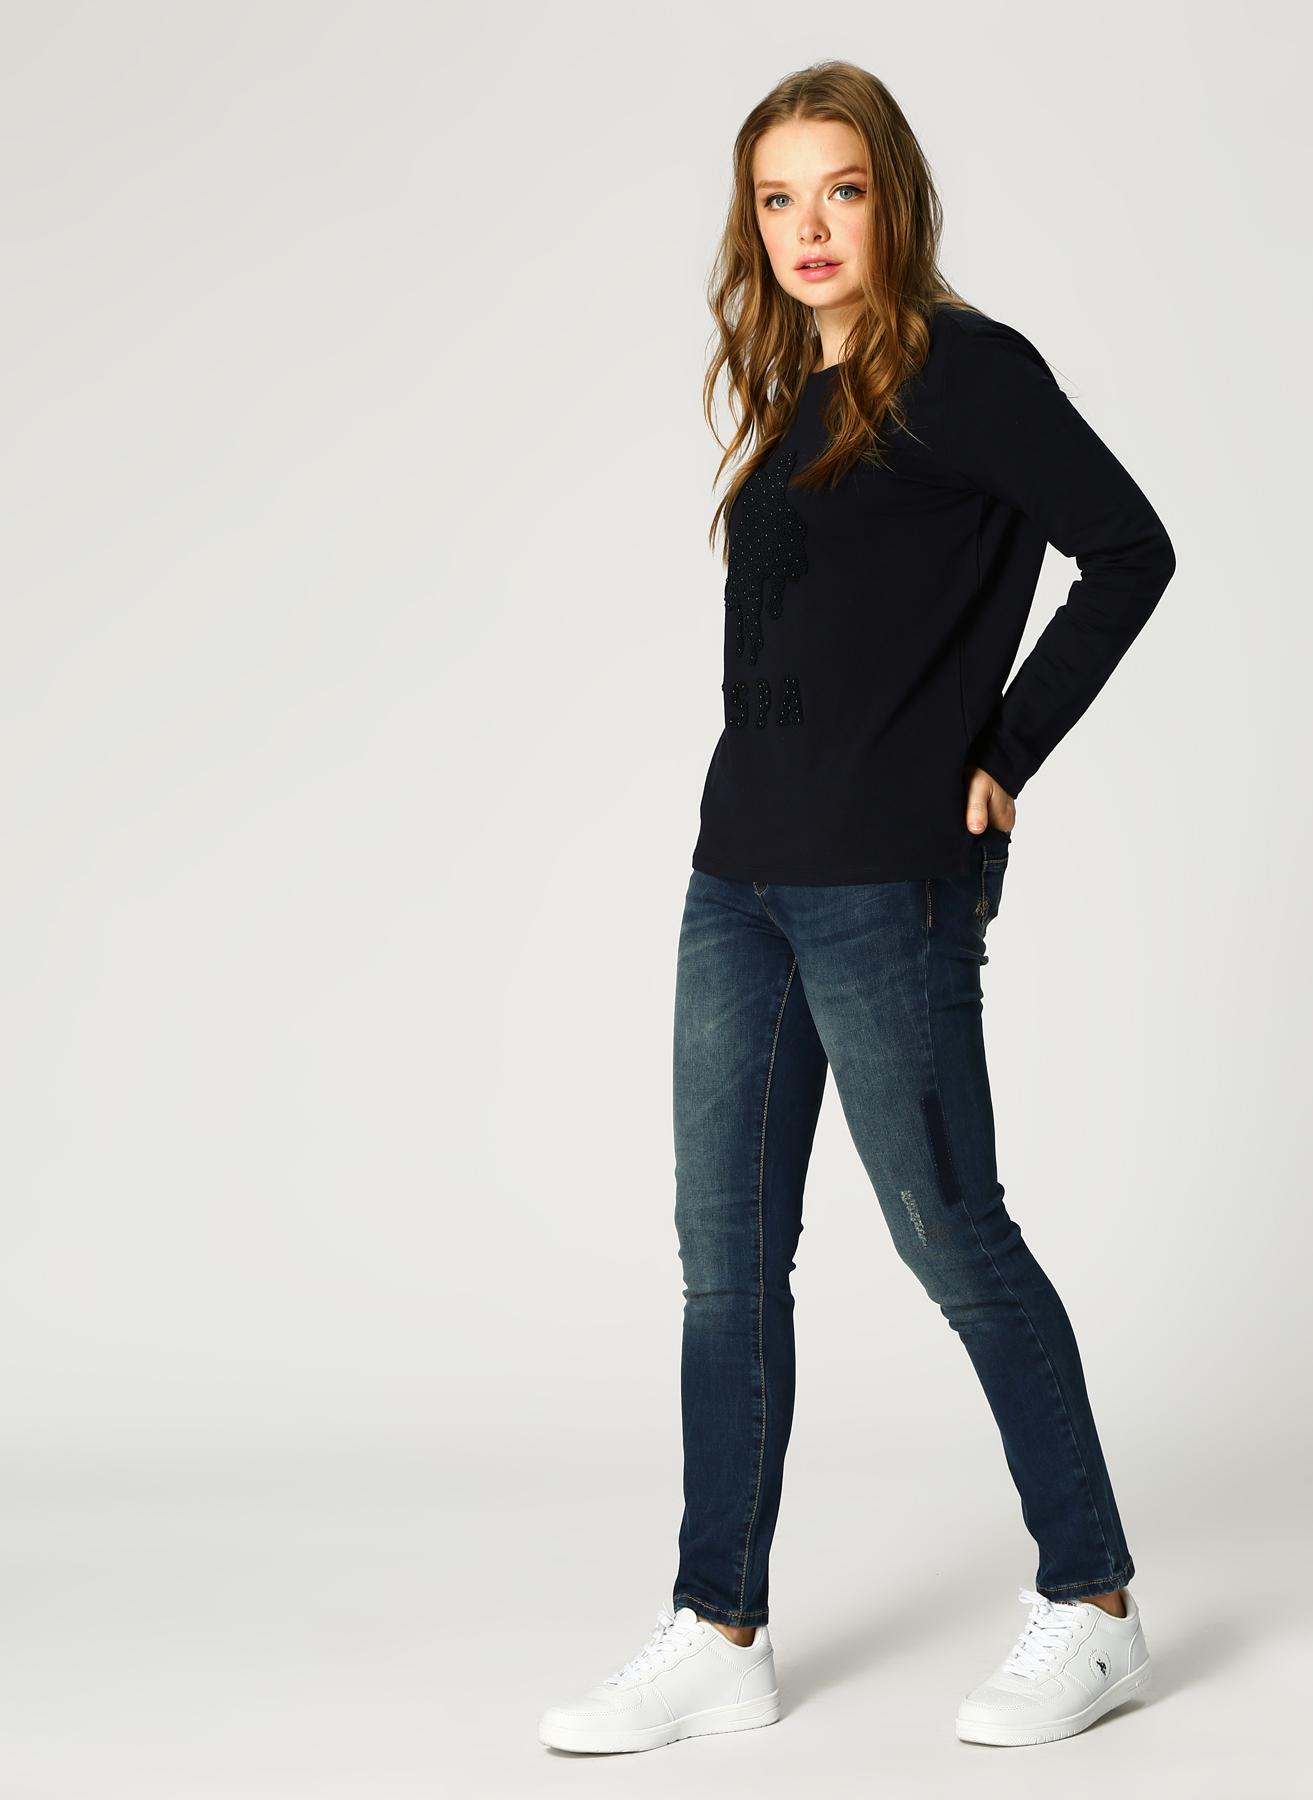 U.S. Polo Assn. Eskitme Tasarımlı Mavi Pantolon 34 5001733407001 Ürün Resmi